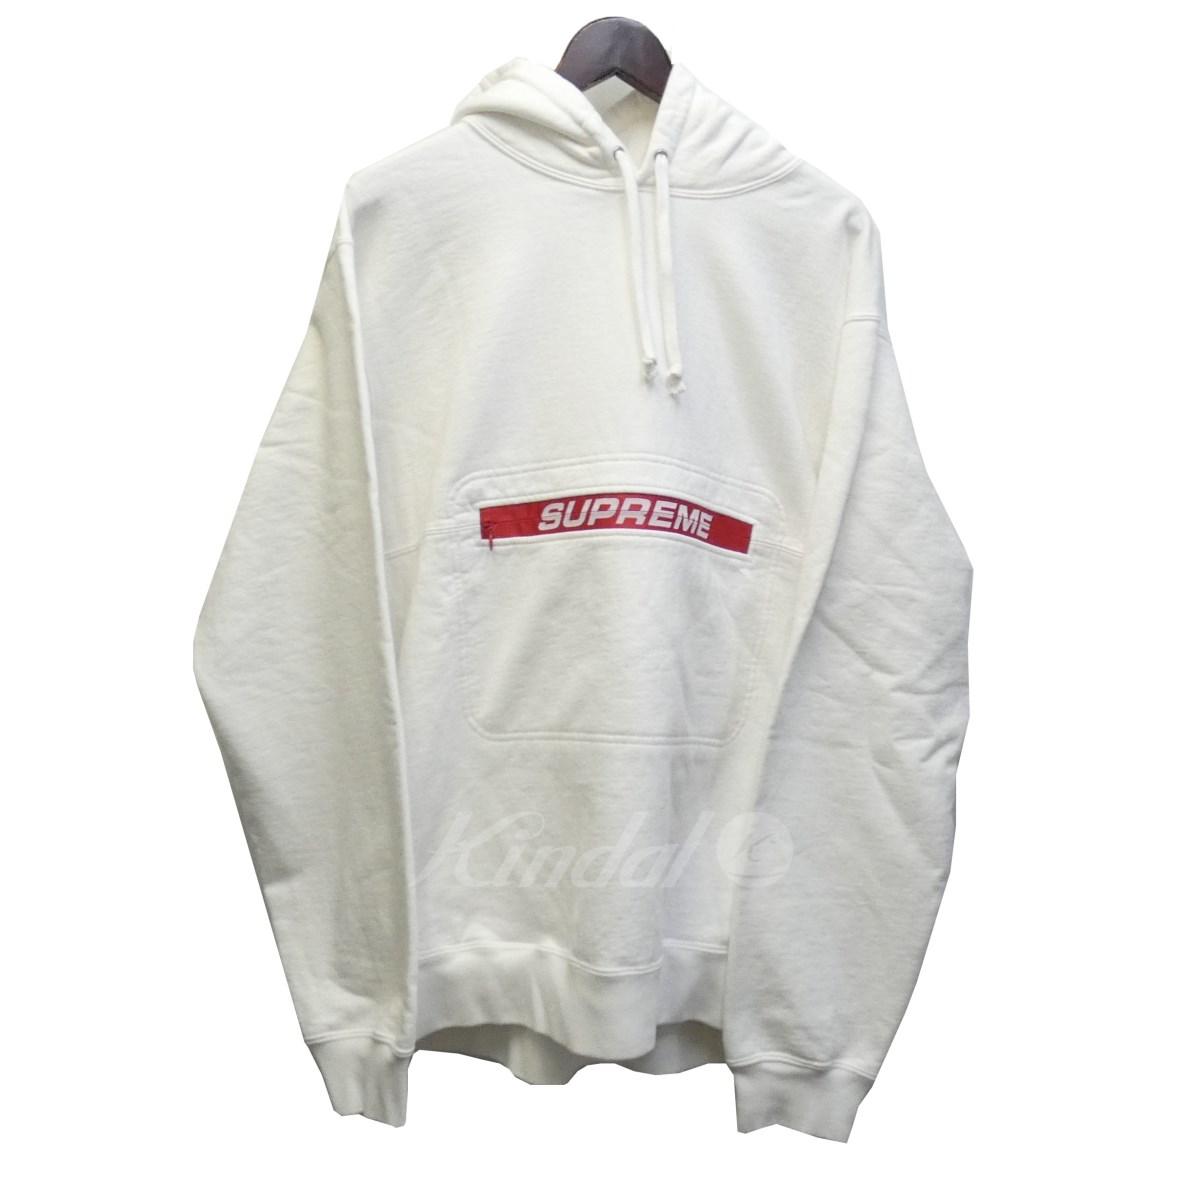 【中古】SUPREME 19SS「ZipPouch Hooded Sweatshirt」ジップポーチロゴプルオーバーパーカー ホワイト サイズ:XL 【310519】(シュプリーム)